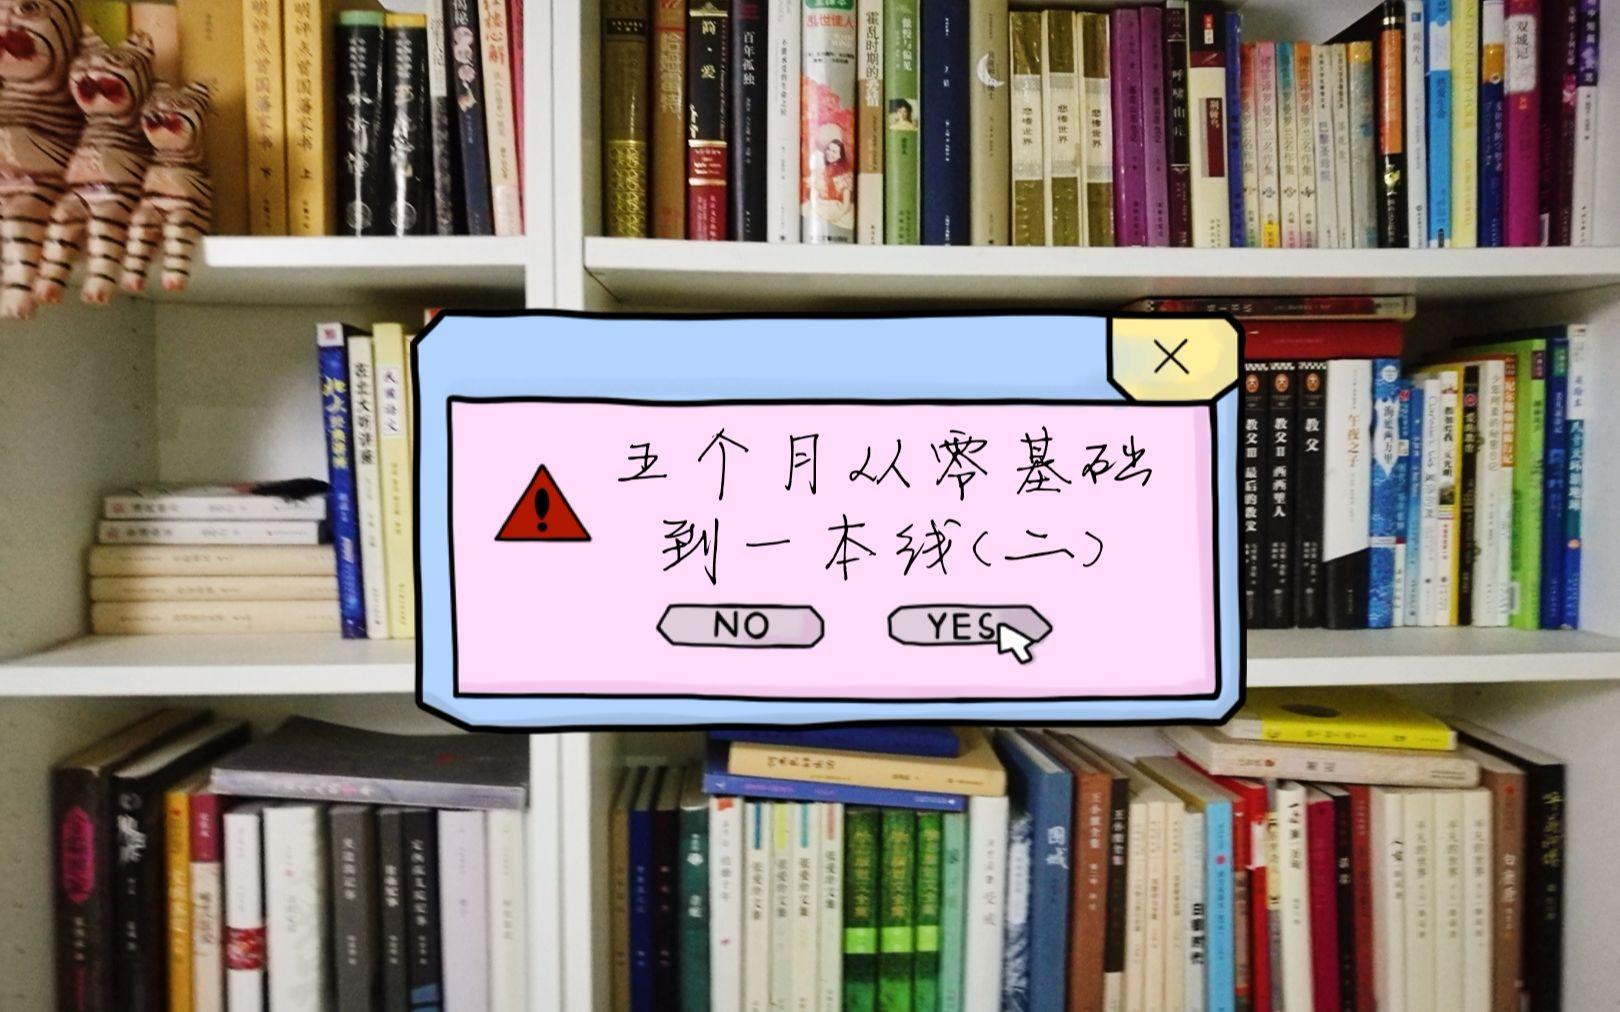 【干货】学习不自控怎么办?|学习方法之自控力篇|科学方法让你轻松拥有完美自学